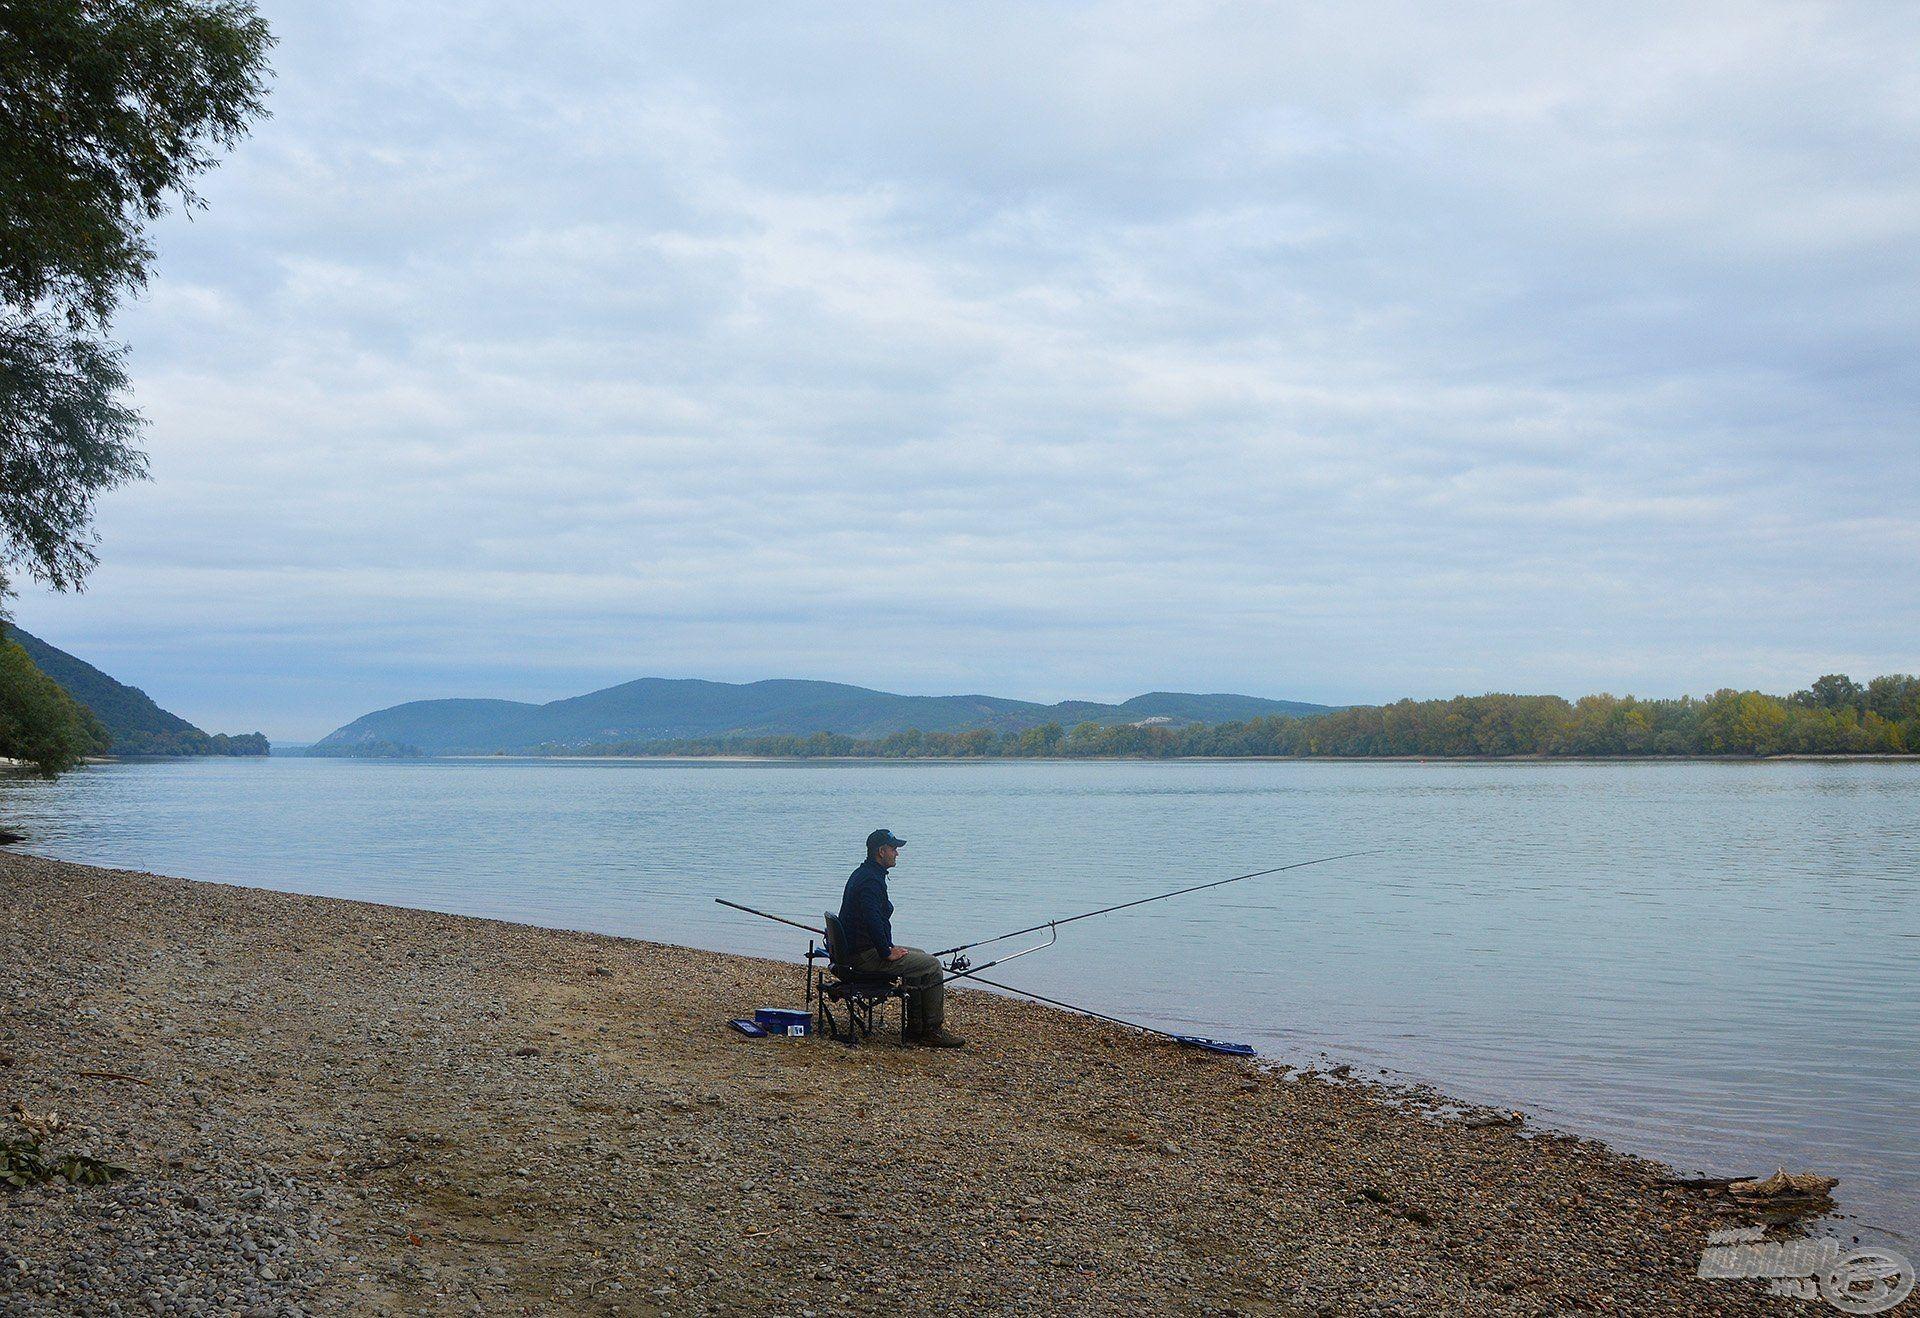 A folyóvízi horgászat varázsa semmivel sem összehasonlítható